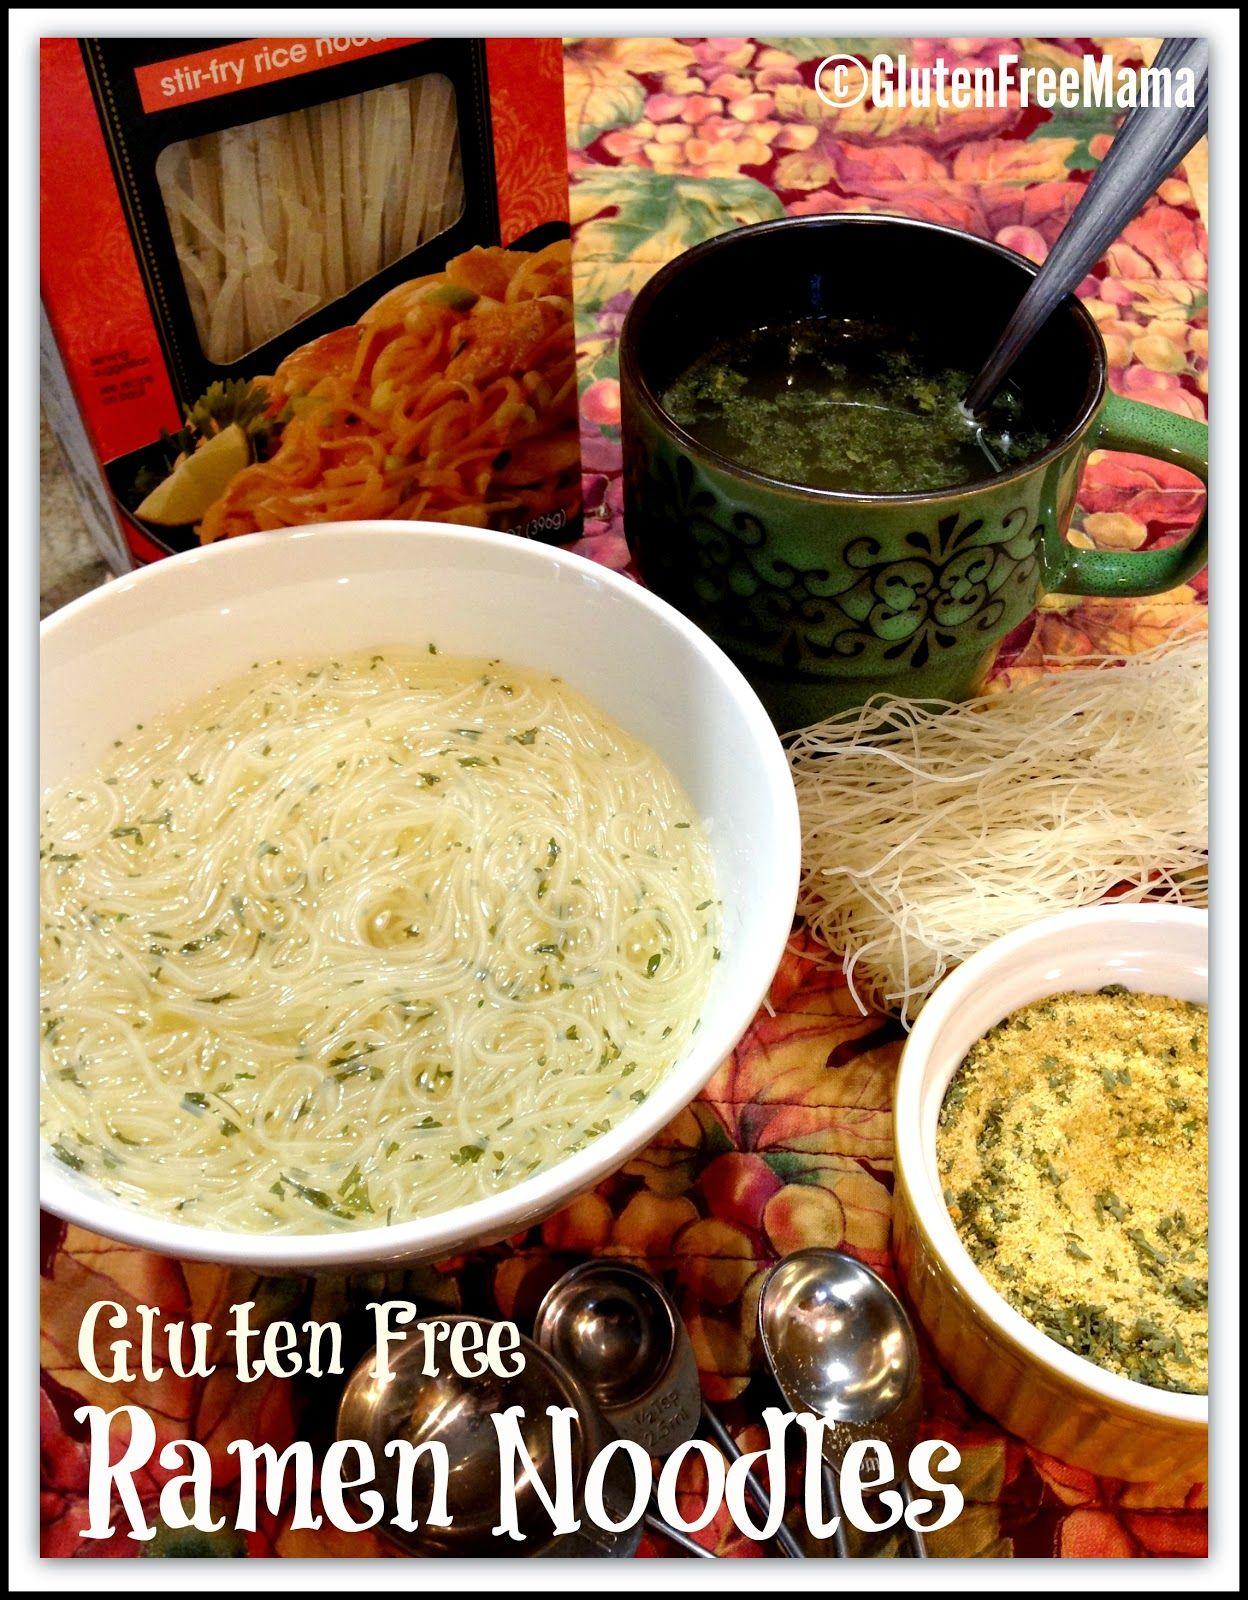 Gluten Free Ramen Noodles in 2020 | Gluten free ramen ...